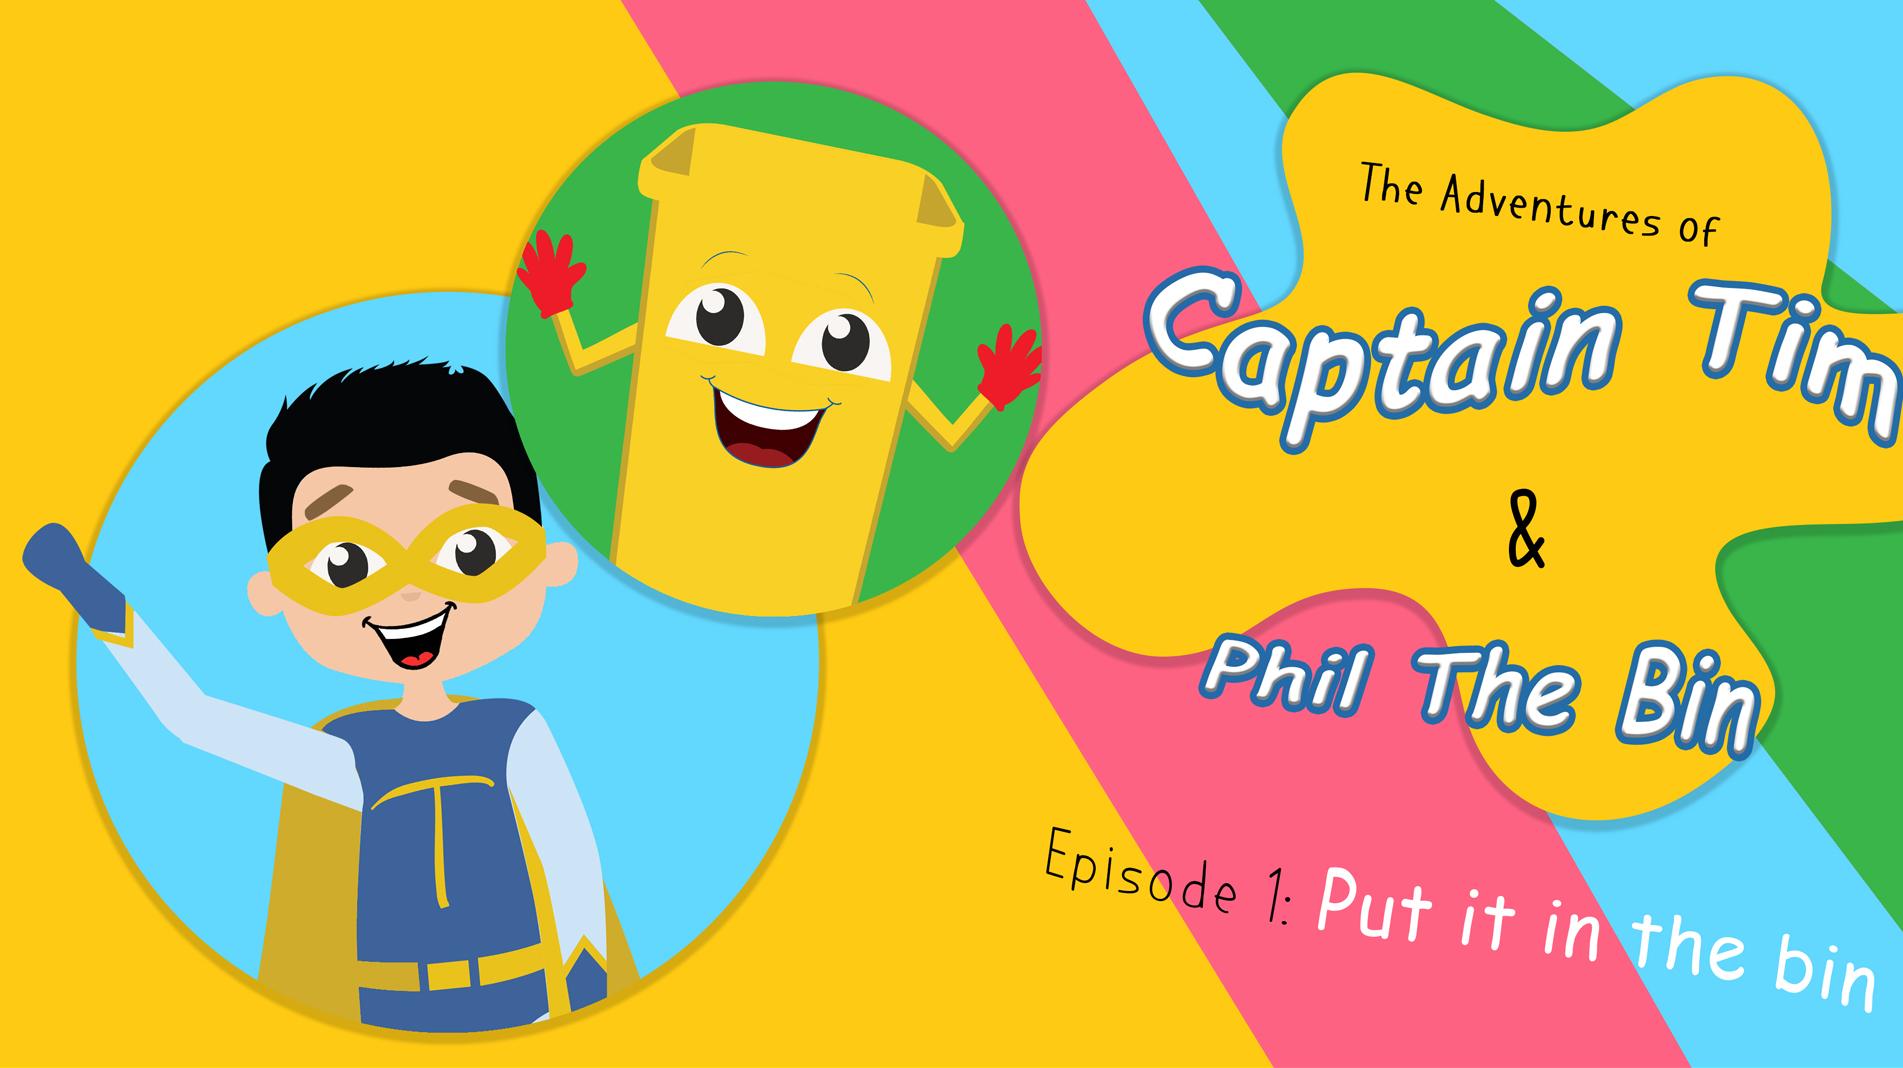 Captain Tim & Phil The Bin